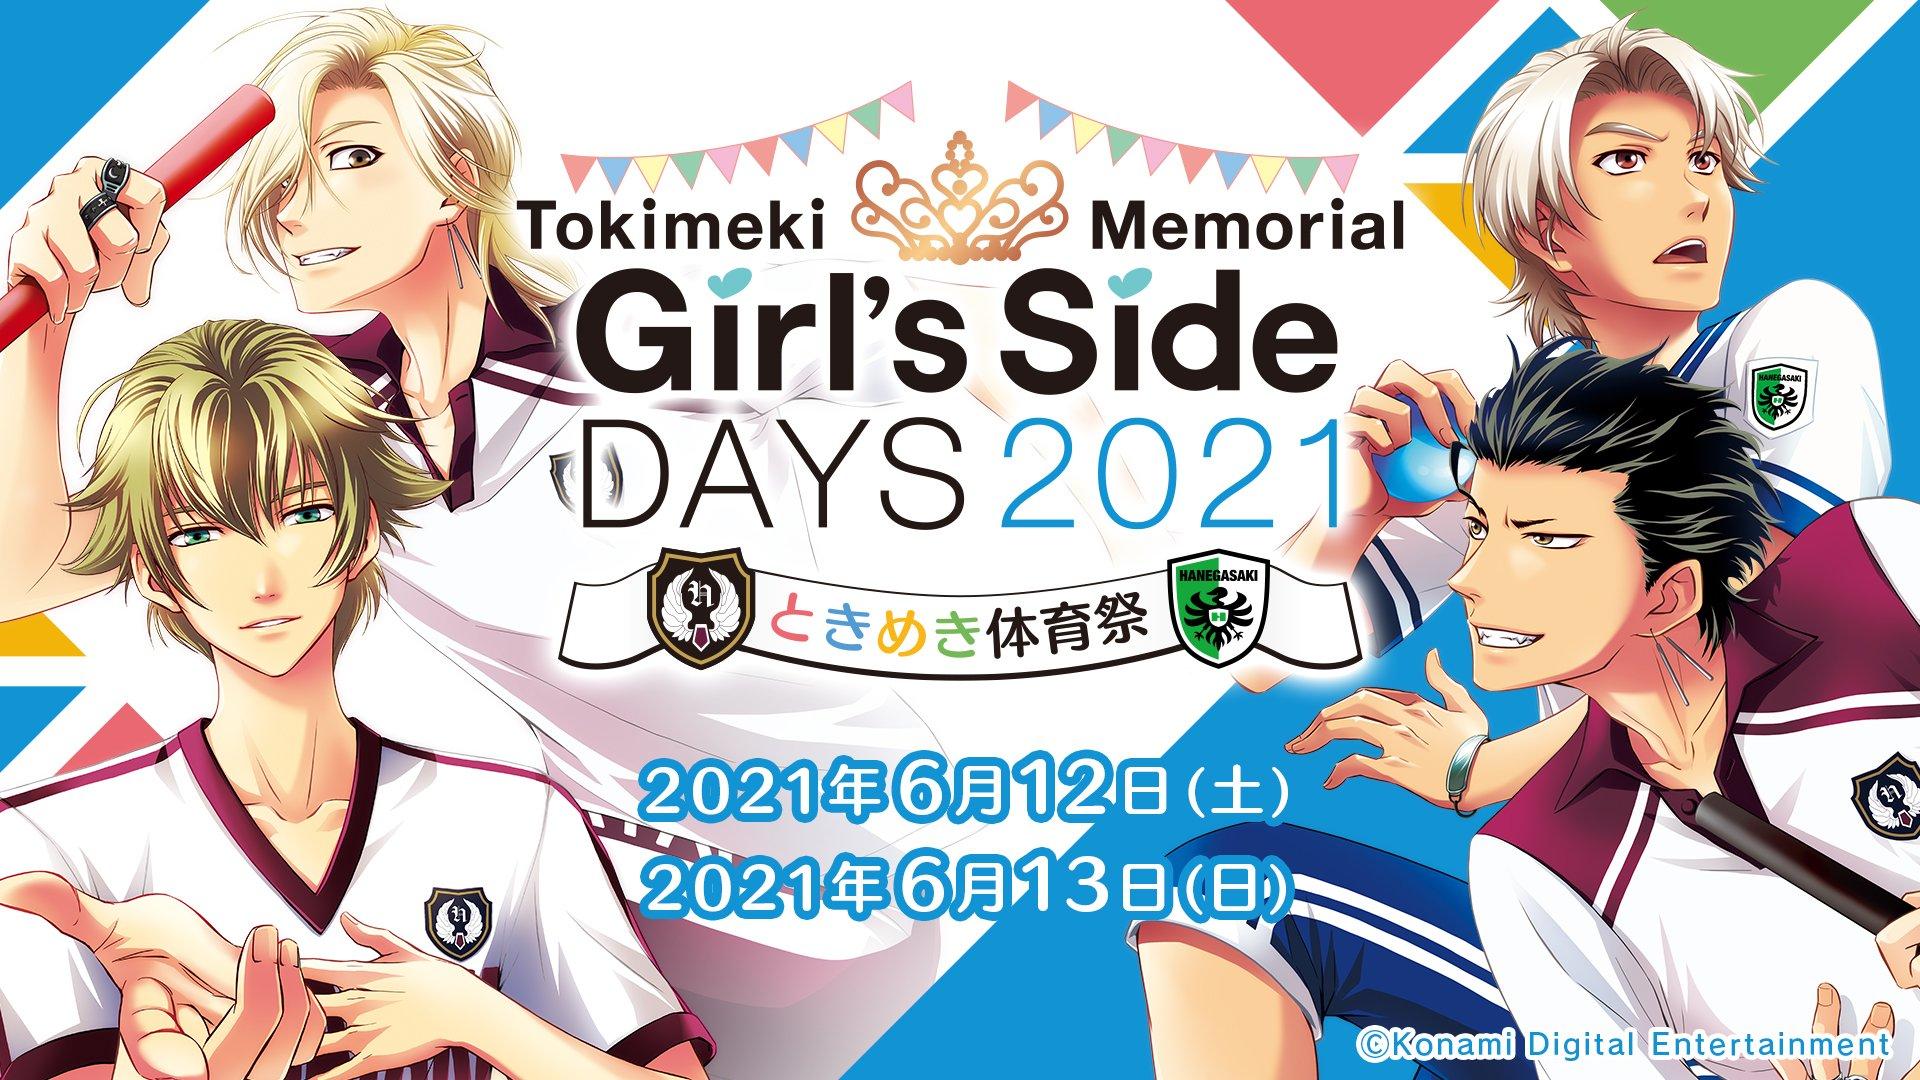 Tokimeki Memorial Girl's Side Days 2021: Tokimeki Field Day